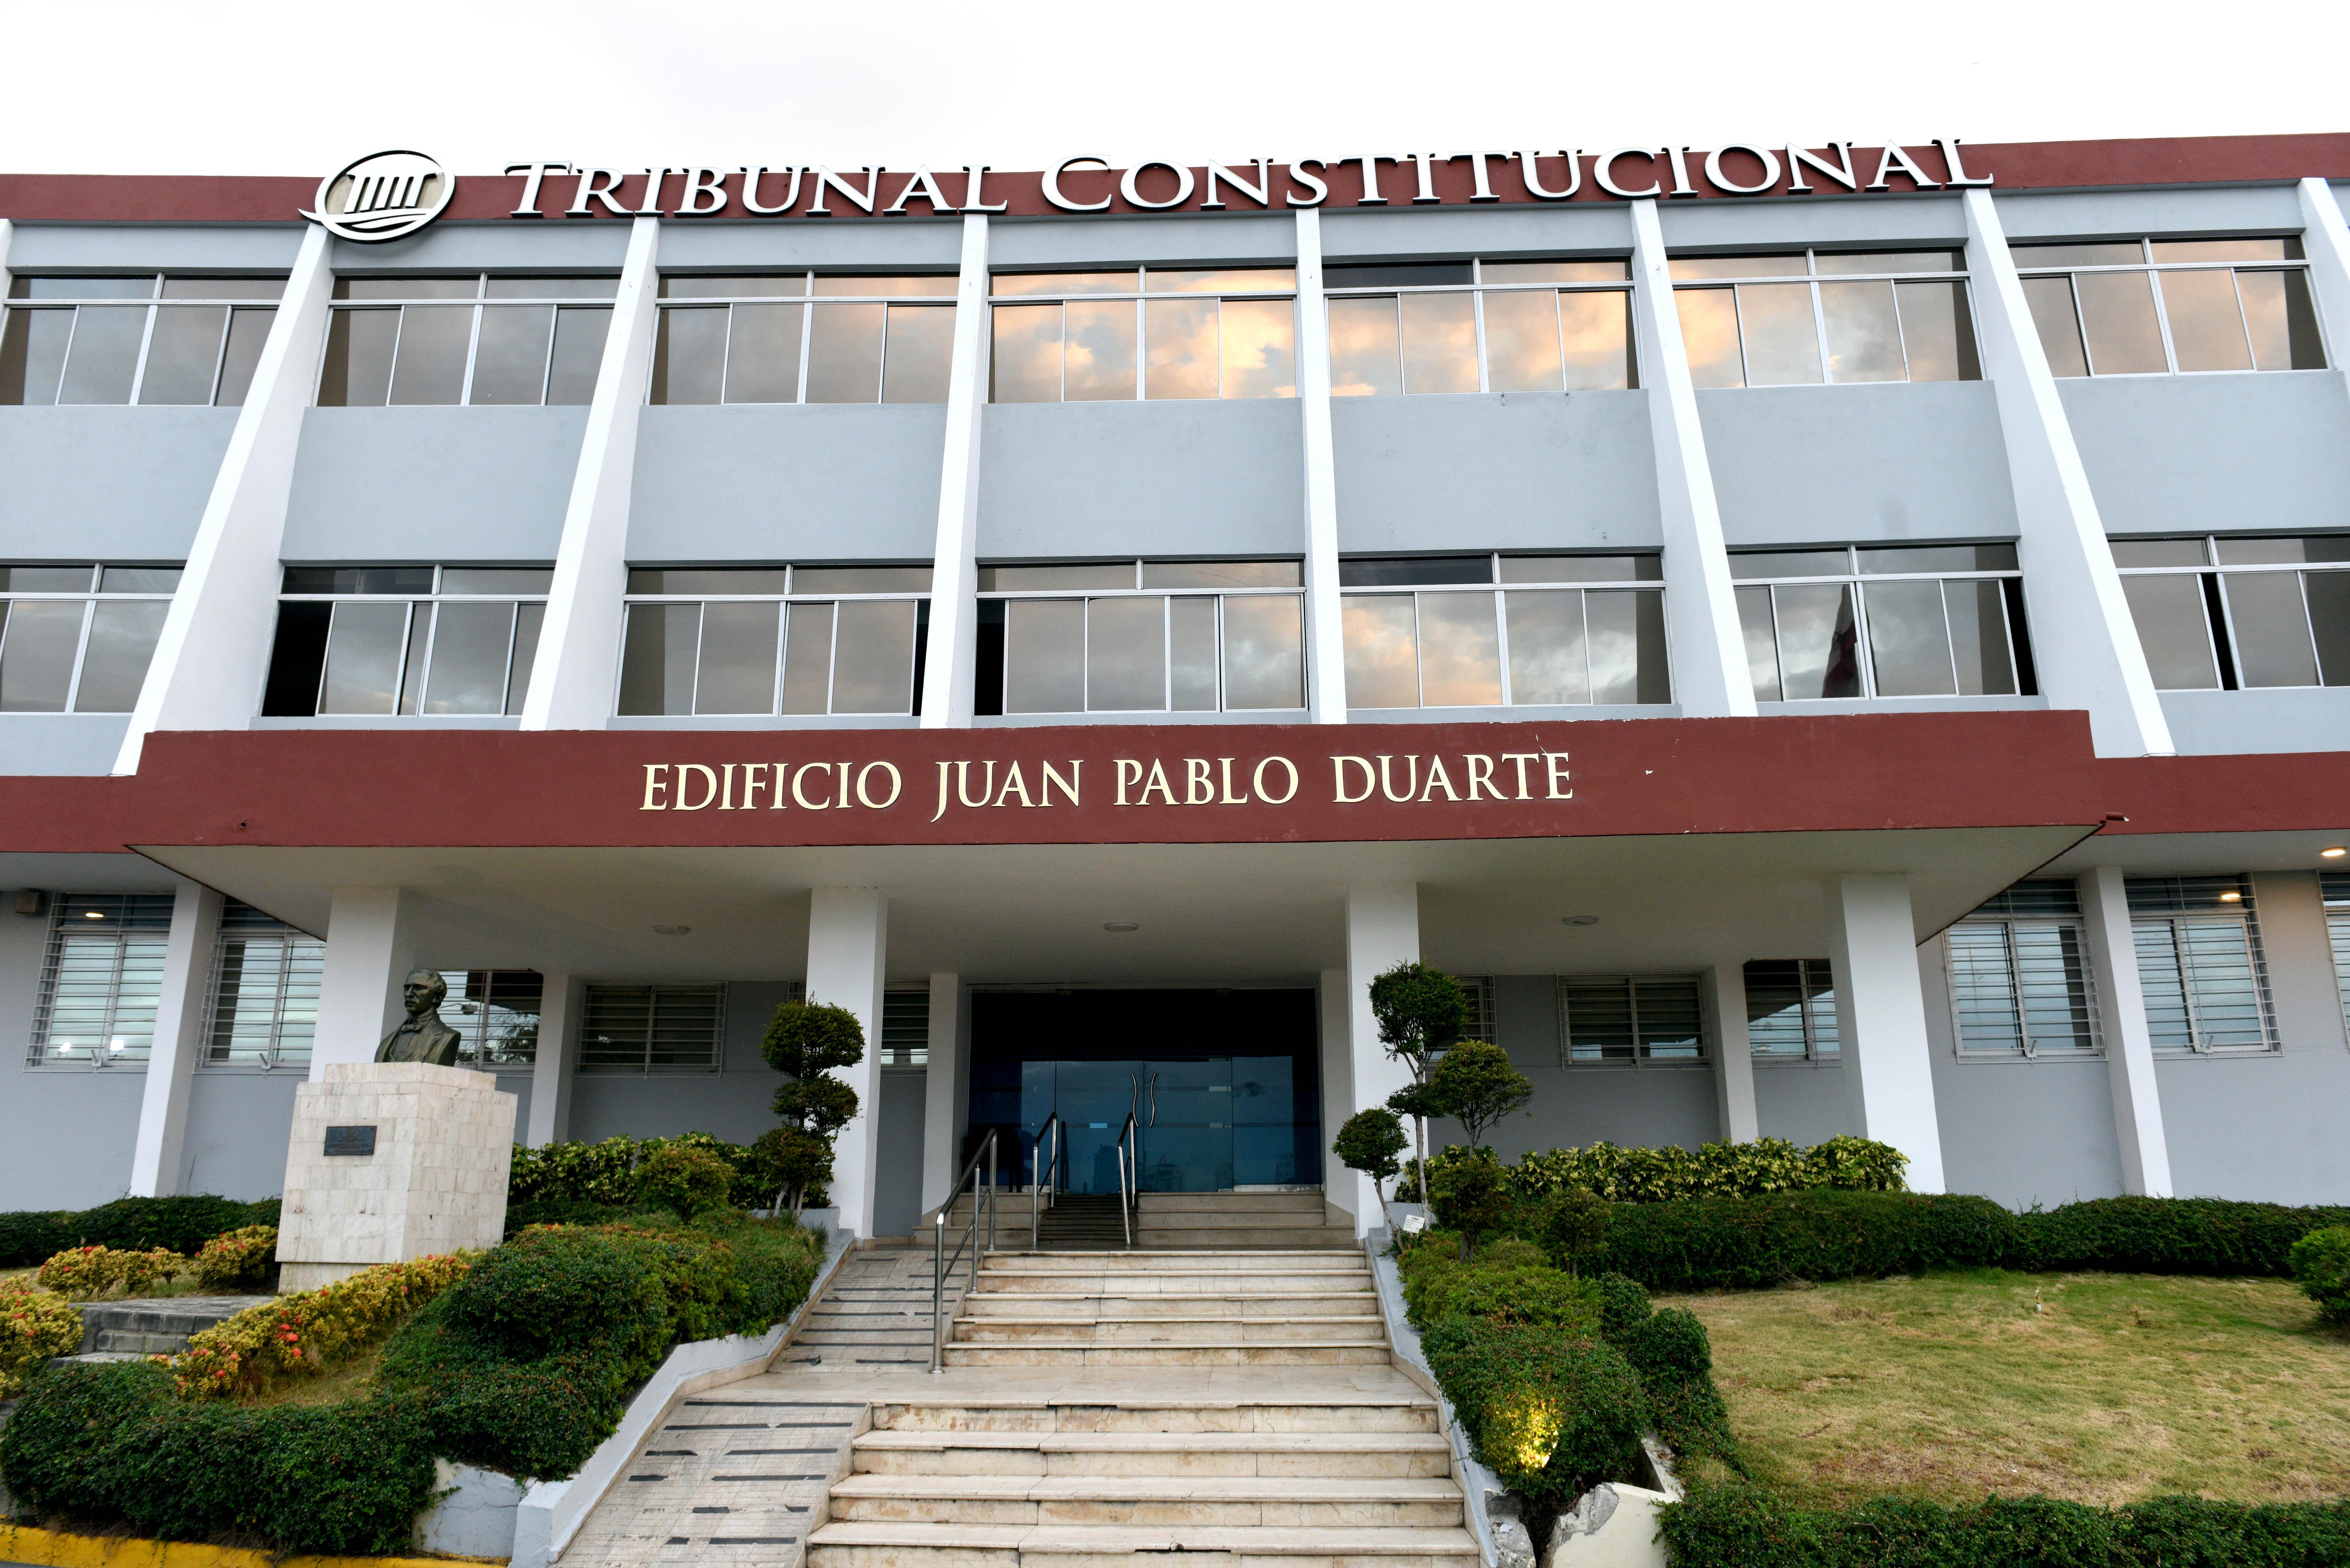 TC decidió sobre expedientes relativos a recursos de revisión de decisiones jurisdiccionales y sobre acción directa de inconstitucionalidad